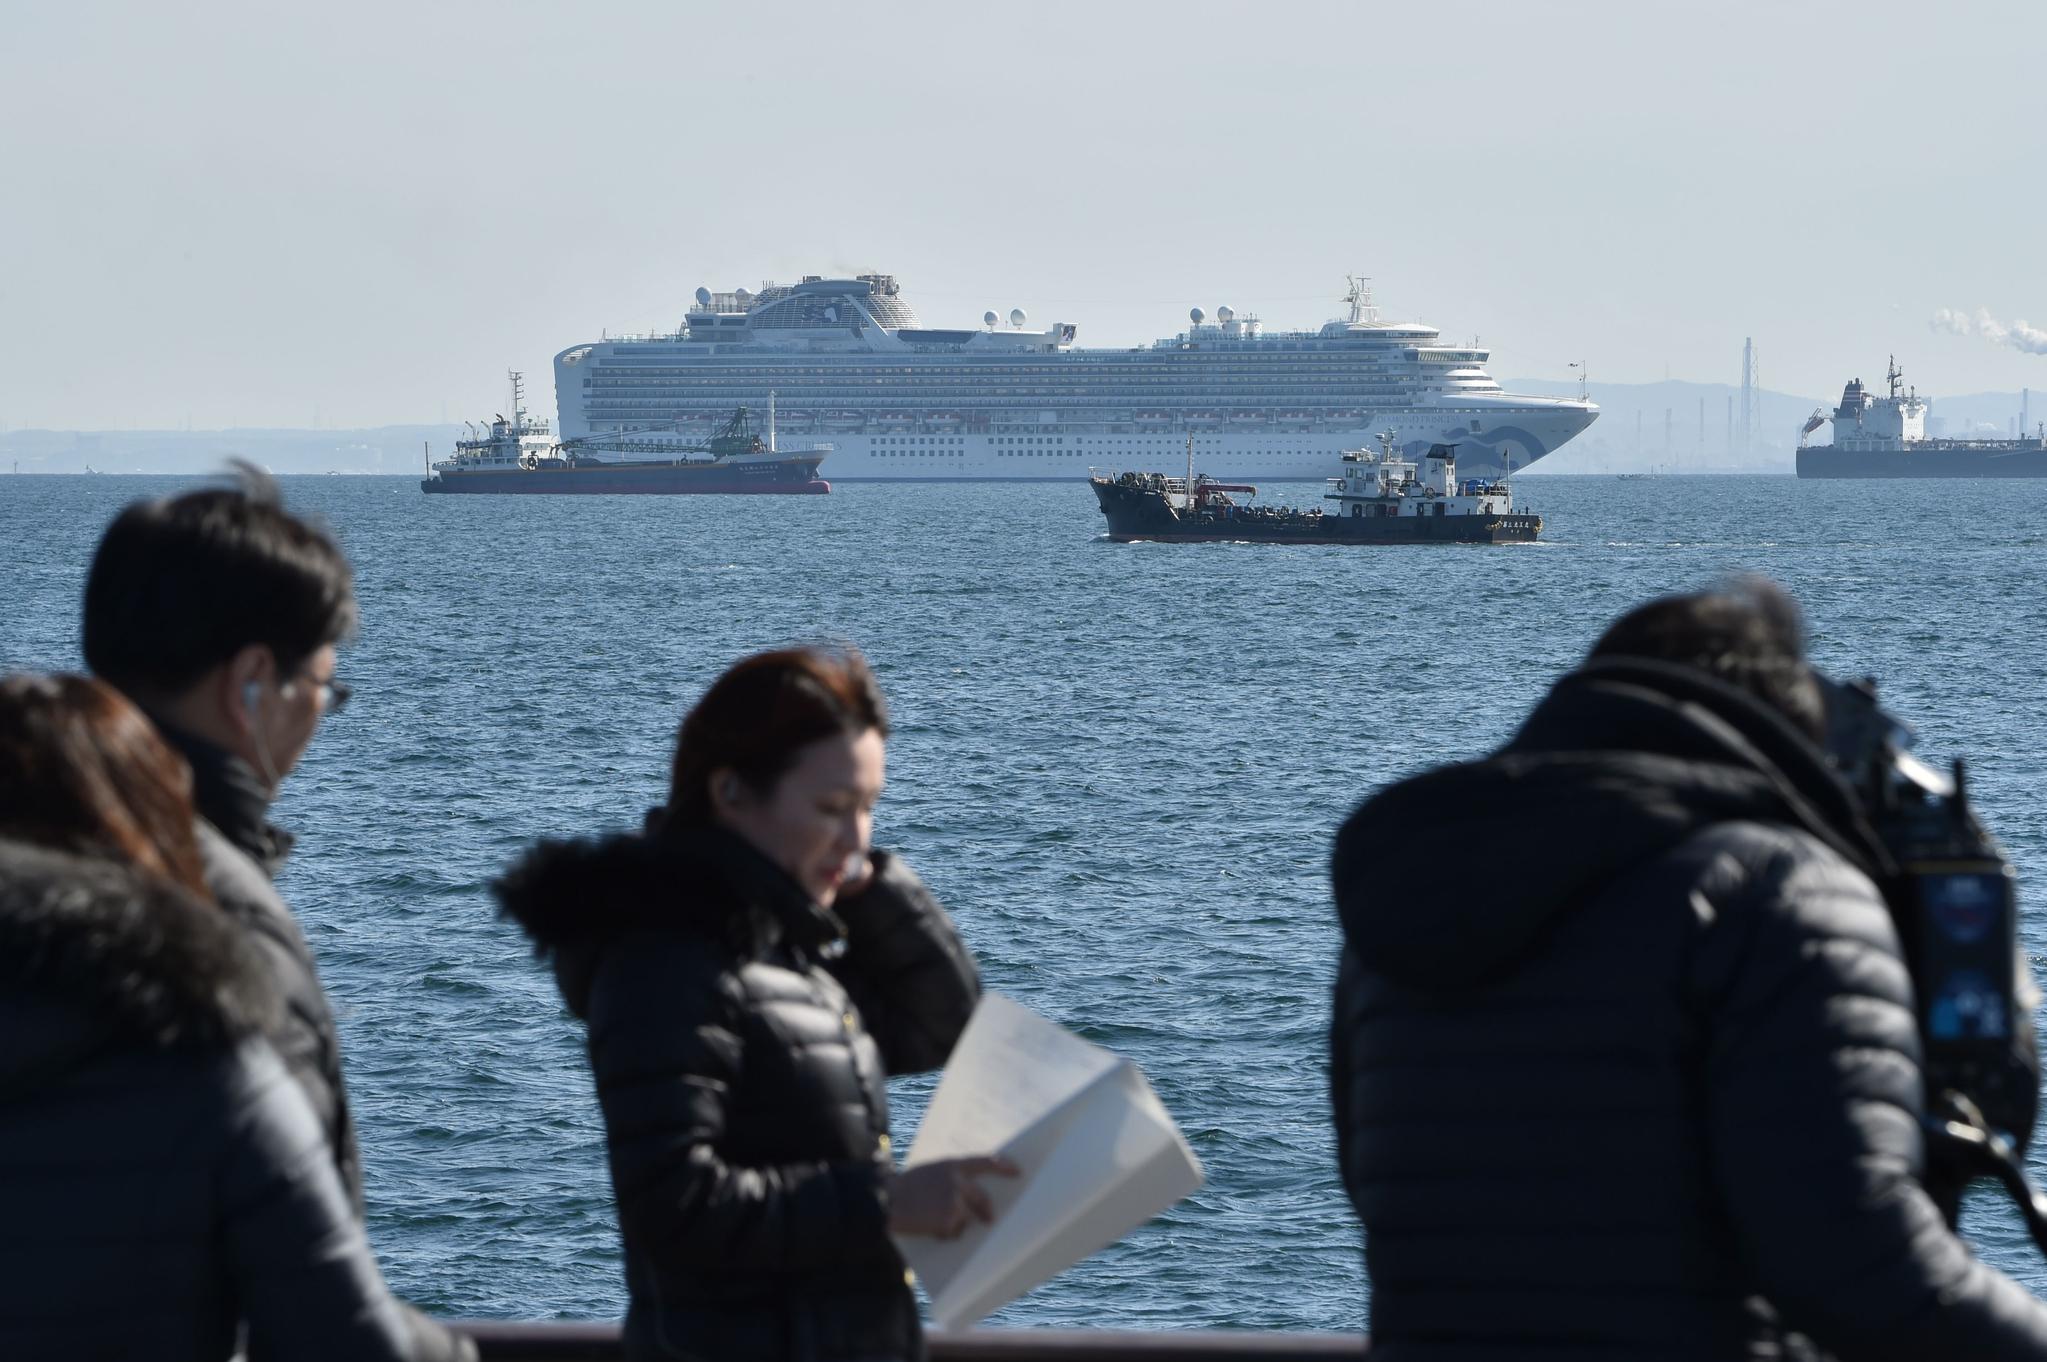 5일 요코하마 항 앞바다에 정박 중인 다이아몬드 프린세스호. [AFP=연합뉴스]